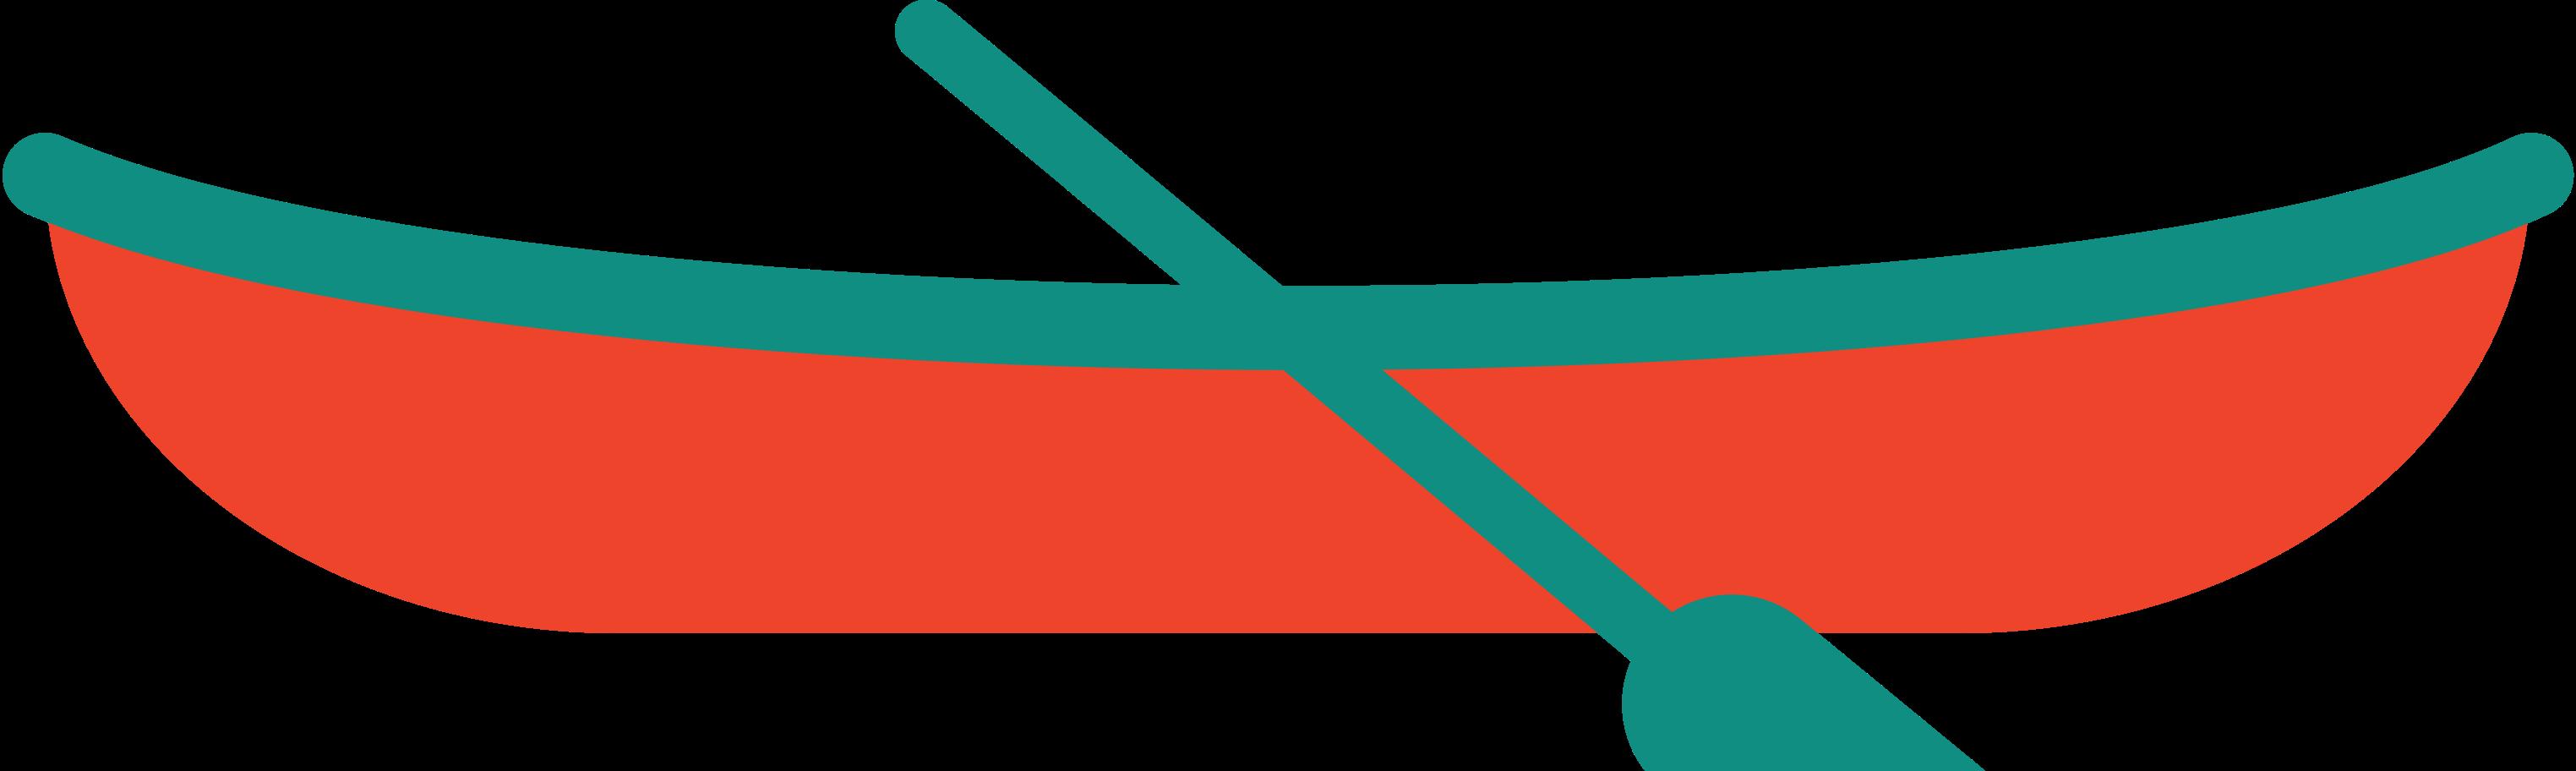 PNGとSVGの  スタイルの ボート ベクターイメージ | Icons8 イラスト